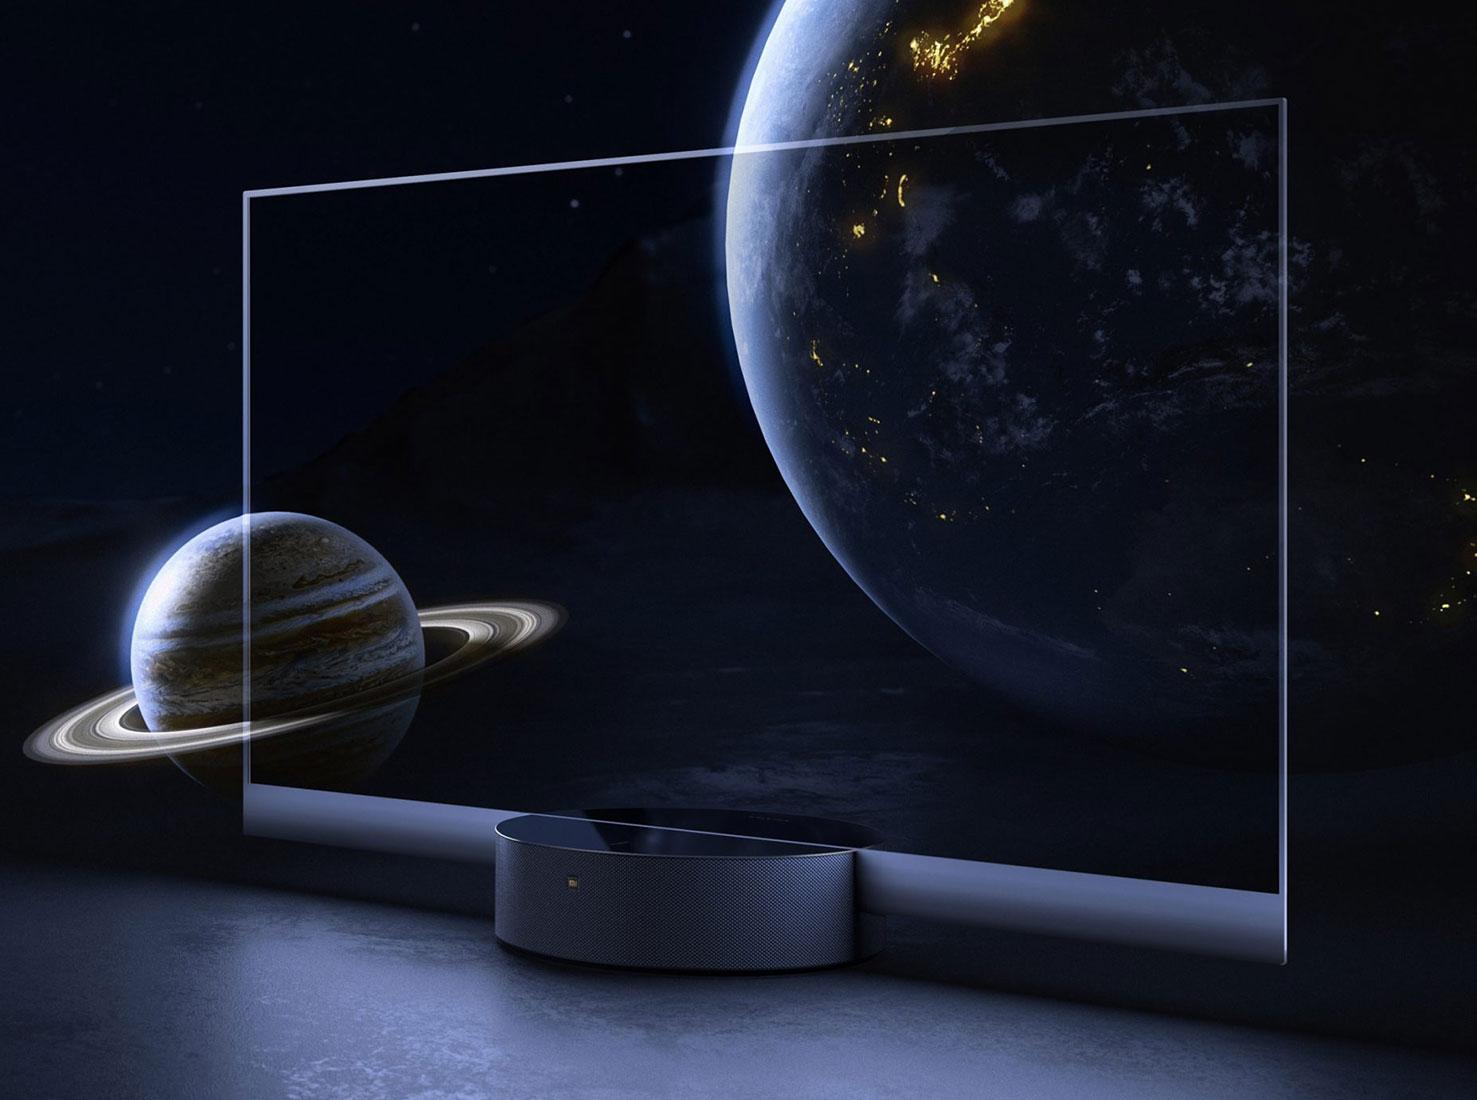 телевизор ксиоми фото